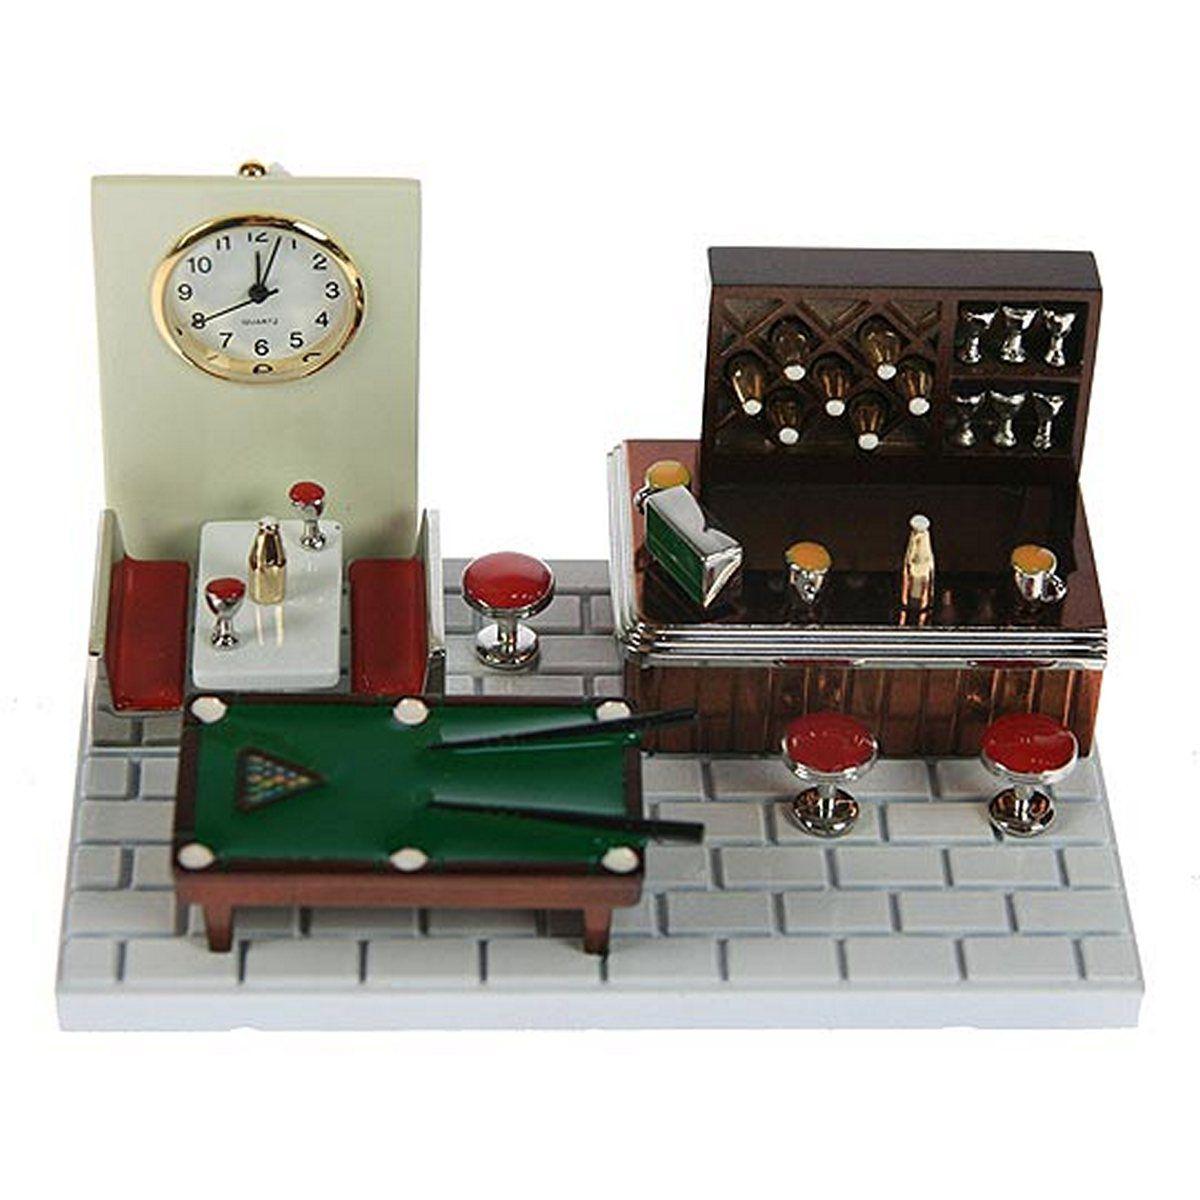 Часы настольные Русские Подарки Бар, 11 х 7 х 6 см. 2240522405Настольные кварцевые часы Русские Подарки Бар изготовлены из металла, циферблат защищен стеклом. Корпус оригинально оформлен в виде барной стойки с бильярдным столом. Часы имеют три стрелки - часовую, минутную и секундную.Такие часы украсят интерьер дома или рабочий стол в офисе. Также часы могут стать уникальным, полезным подарком для родственников, коллег, знакомых и близких.Часы работают от батареек типа SR626 (в комплект не входят).